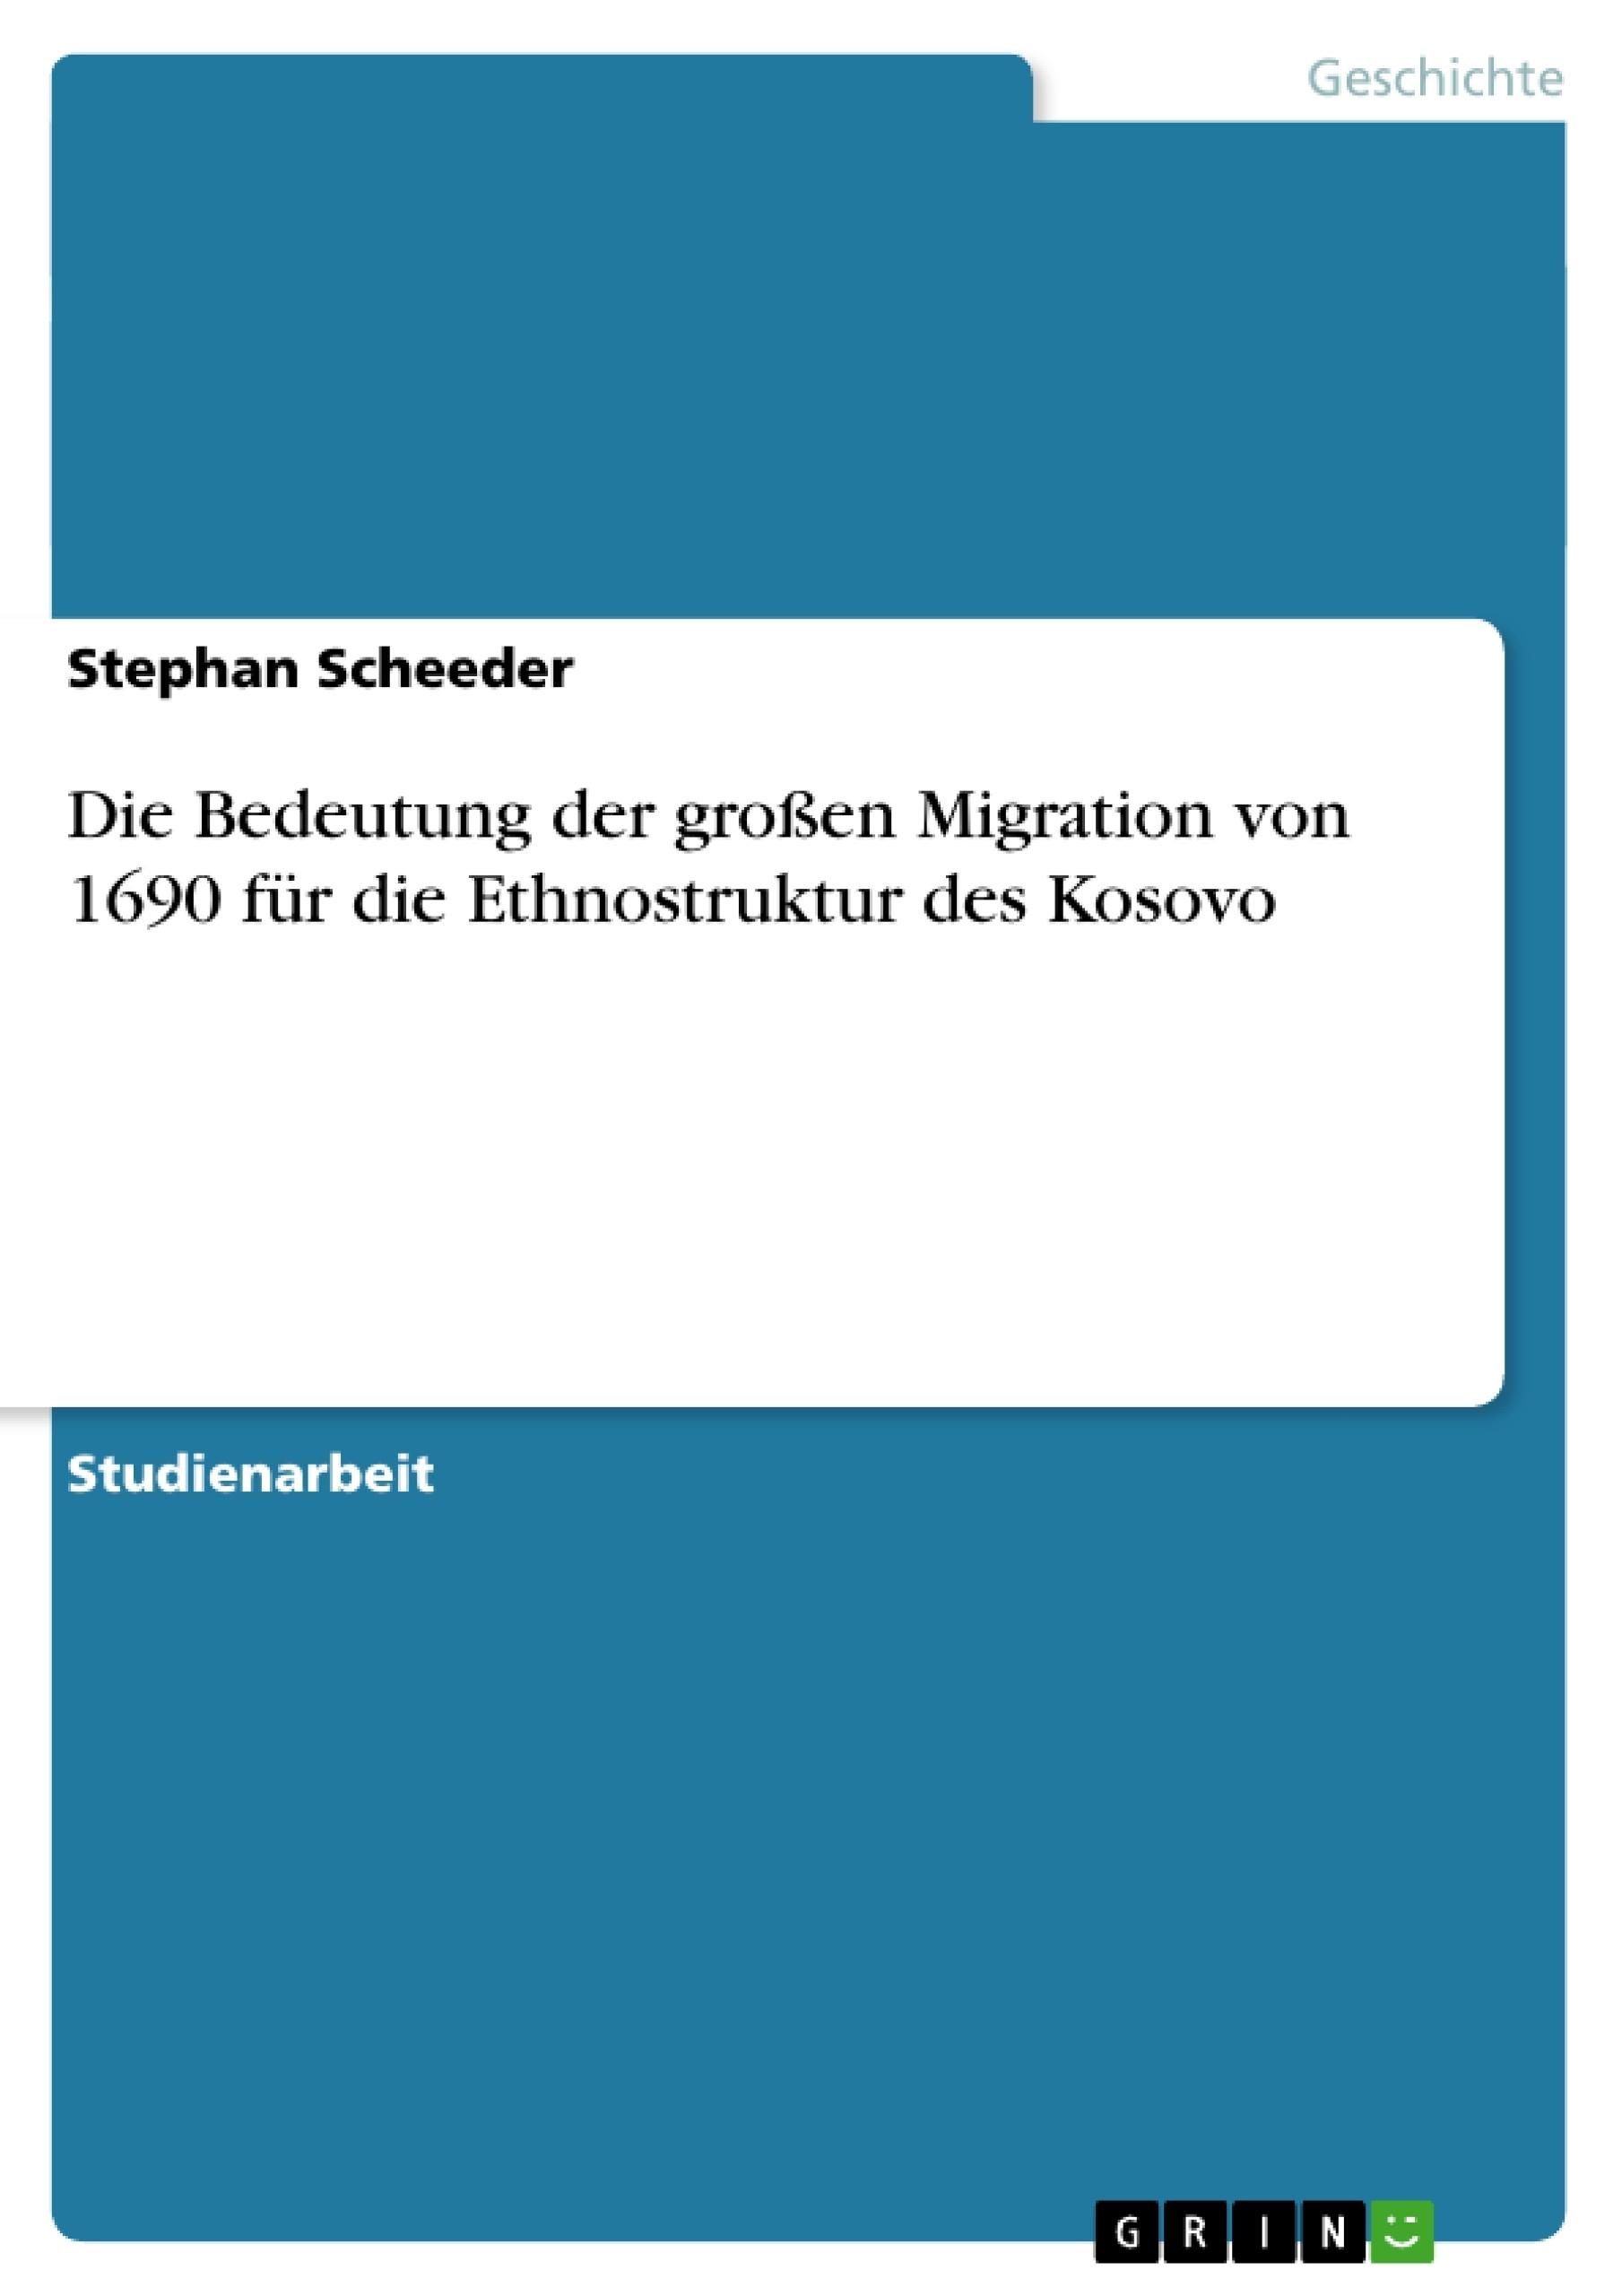 Titel: Die Bedeutung der großen Migration von 1690 für die Ethnostruktur des Kosovo